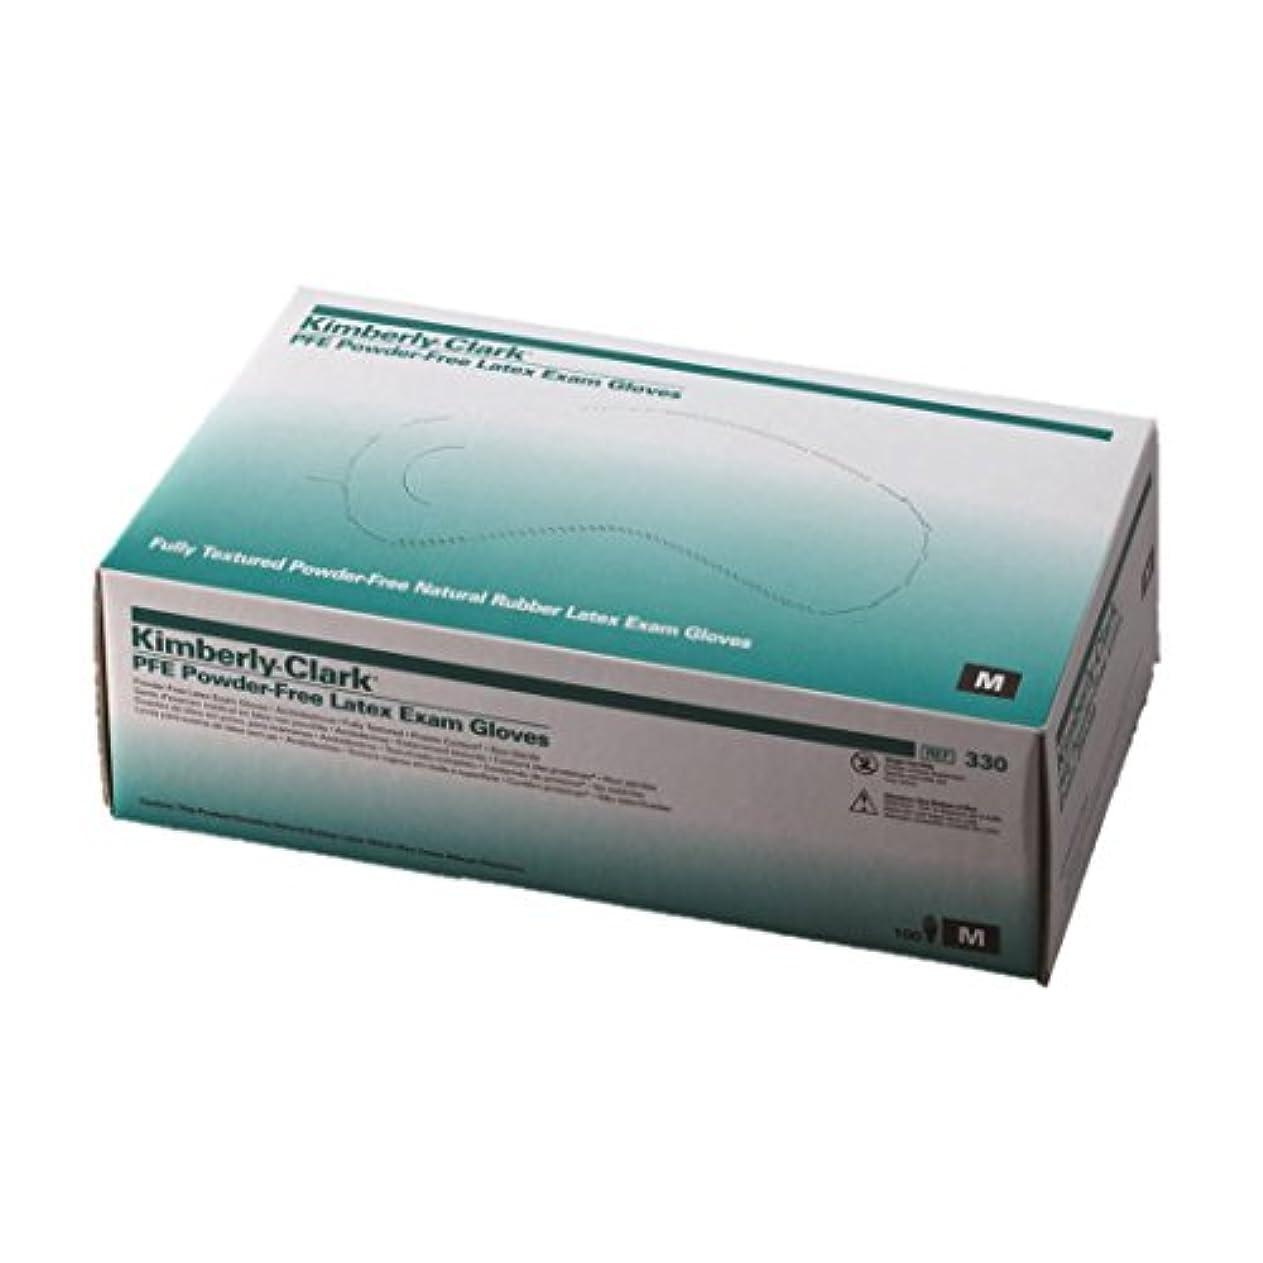 慰め寄生虫バーターラテックスグローブ(PFE) 10 箱